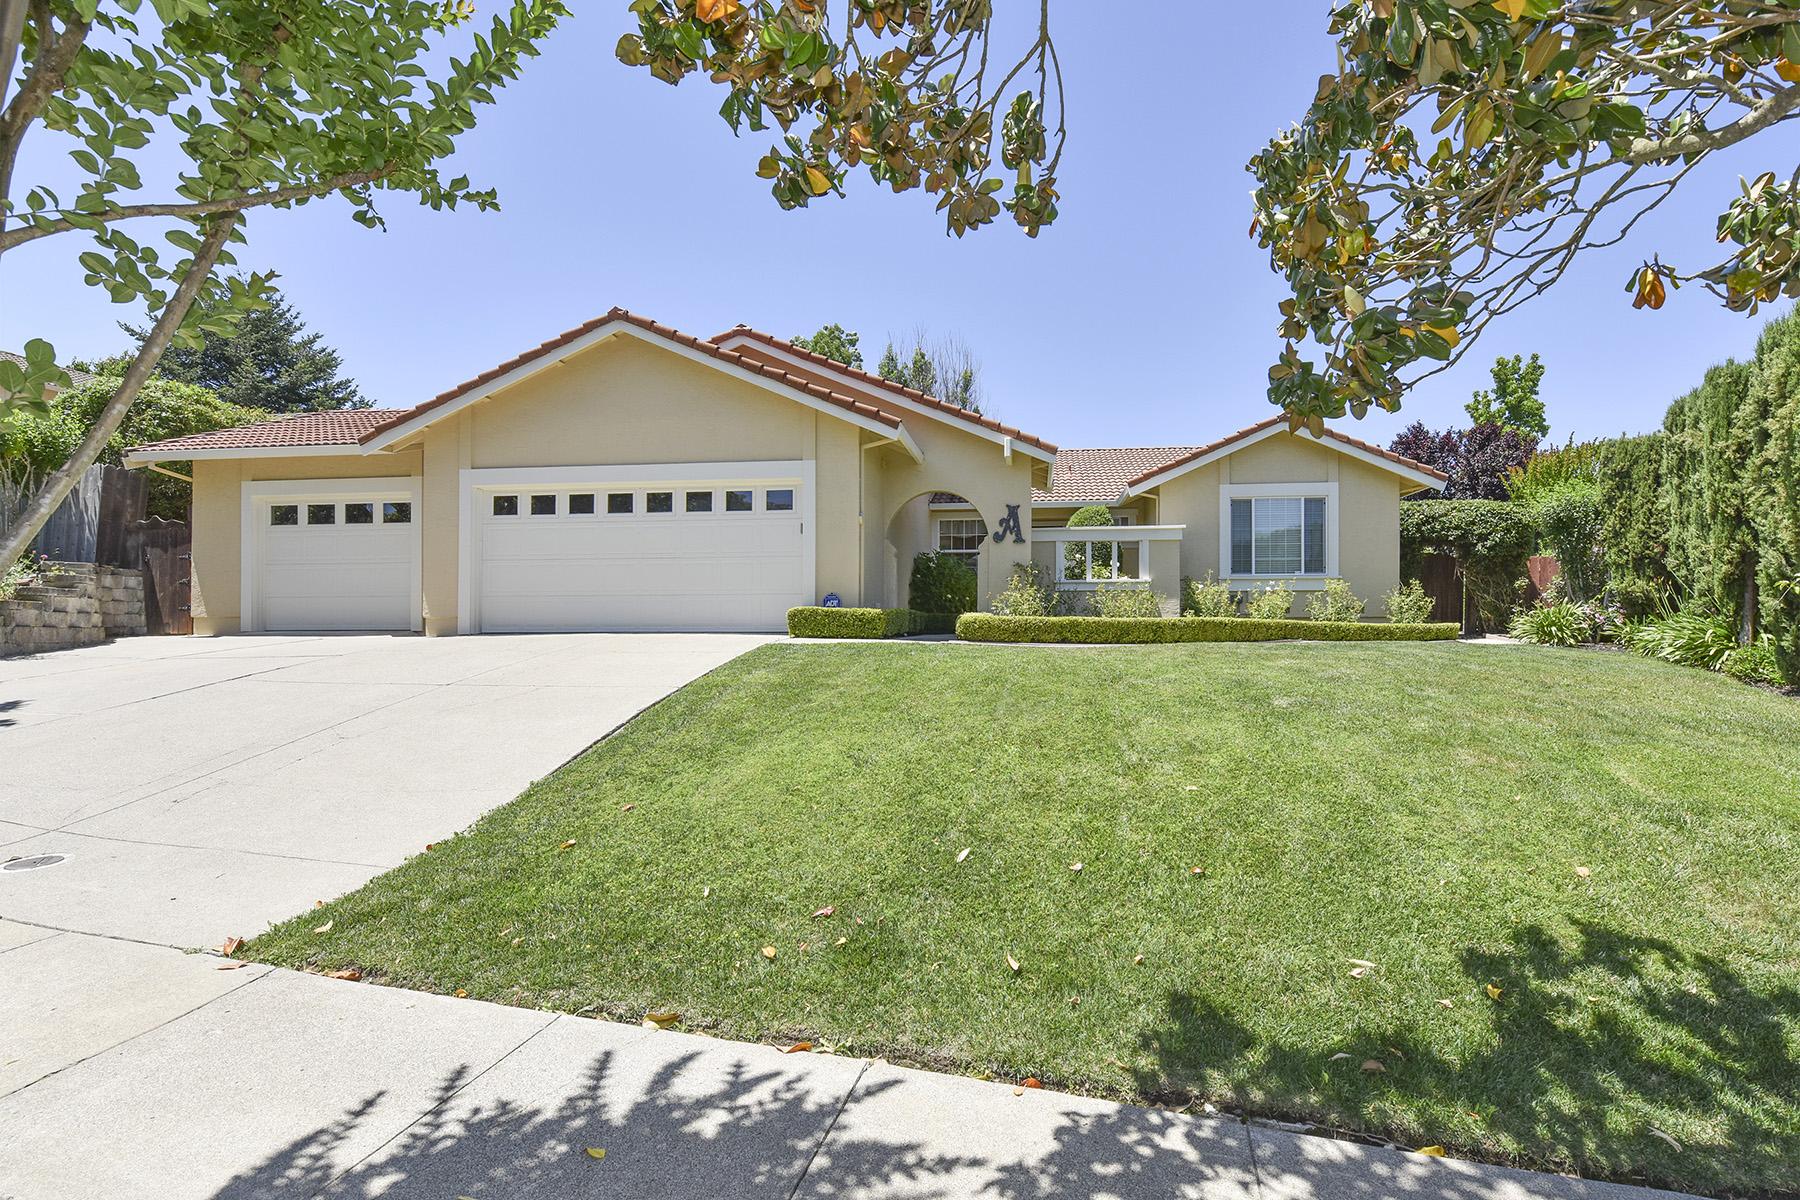 Casa Unifamiliar por un Venta en 18 Miwok Ct, Napa, CA 94558 18 Miwok Ct Napa, California, 94558 Estados Unidos